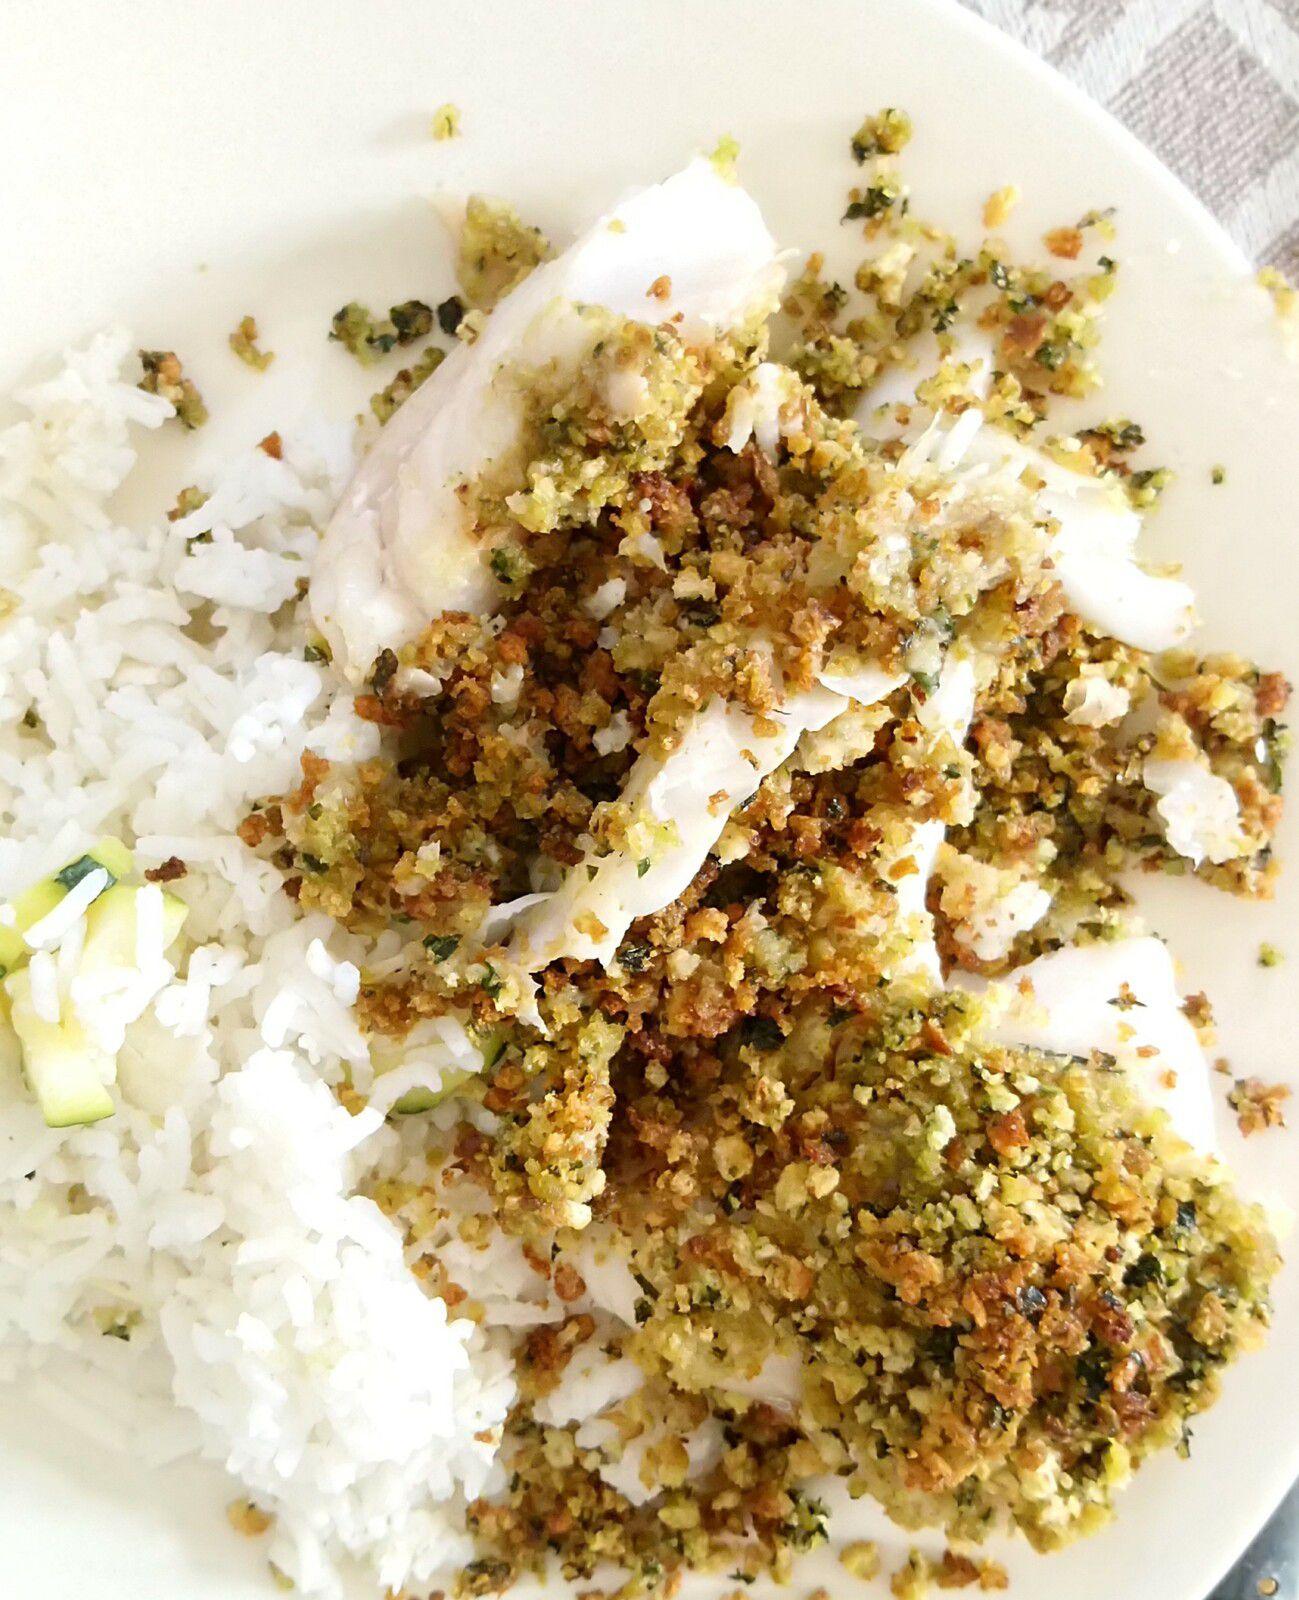 Recette gourmande, rapide et simple : crumble de poisson citron et basilic